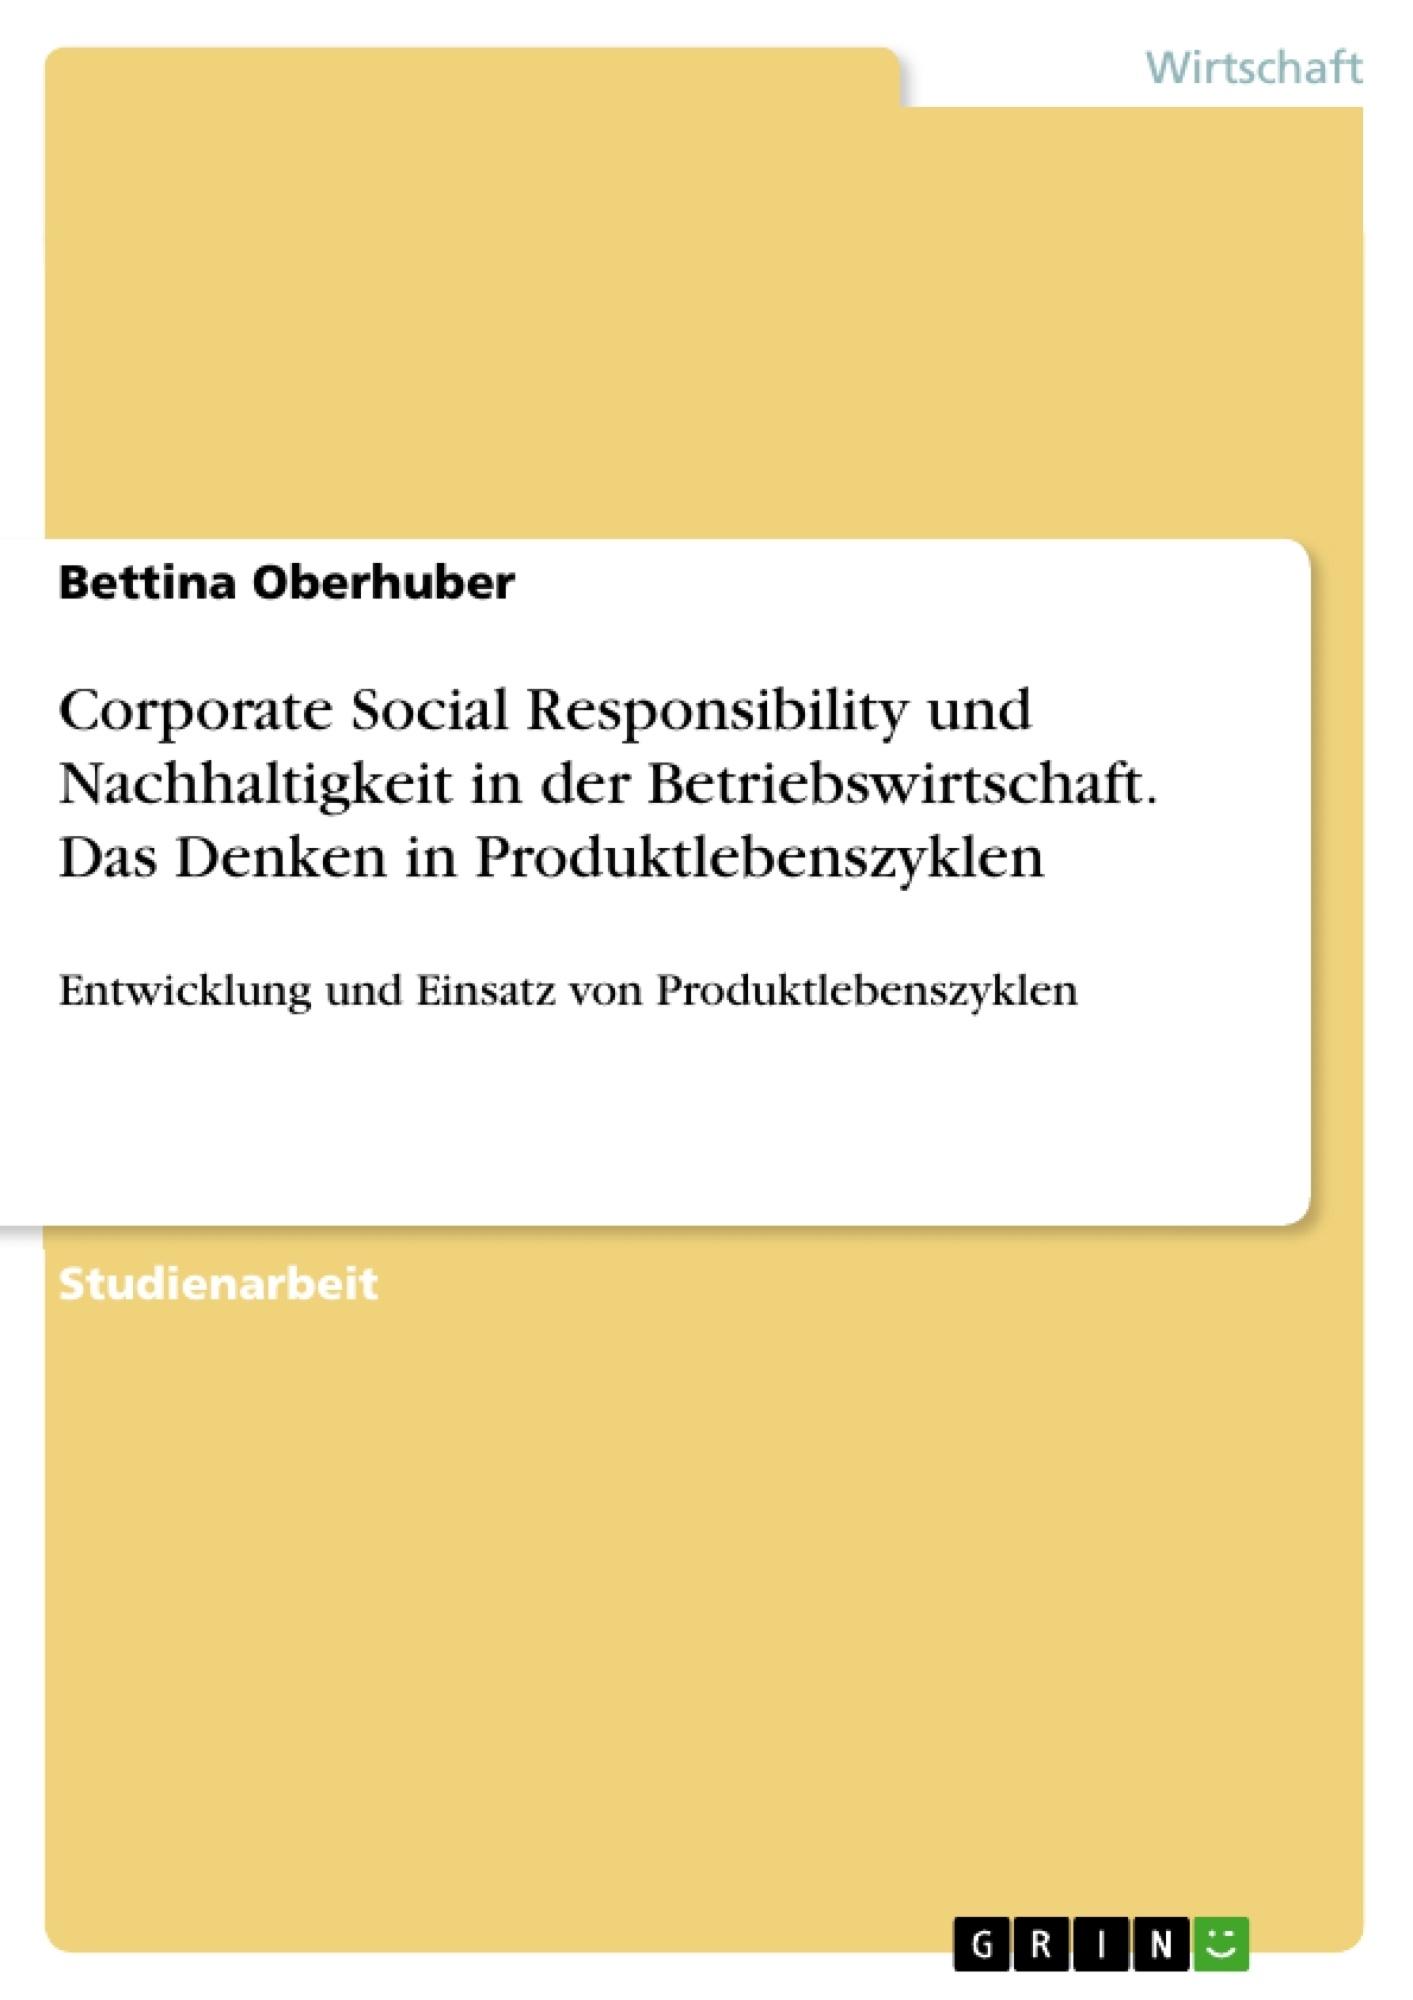 Titel: Corporate Social Responsibility und Nachhaltigkeit in der Betriebswirtschaft. Das Denken in Produktlebenszyklen